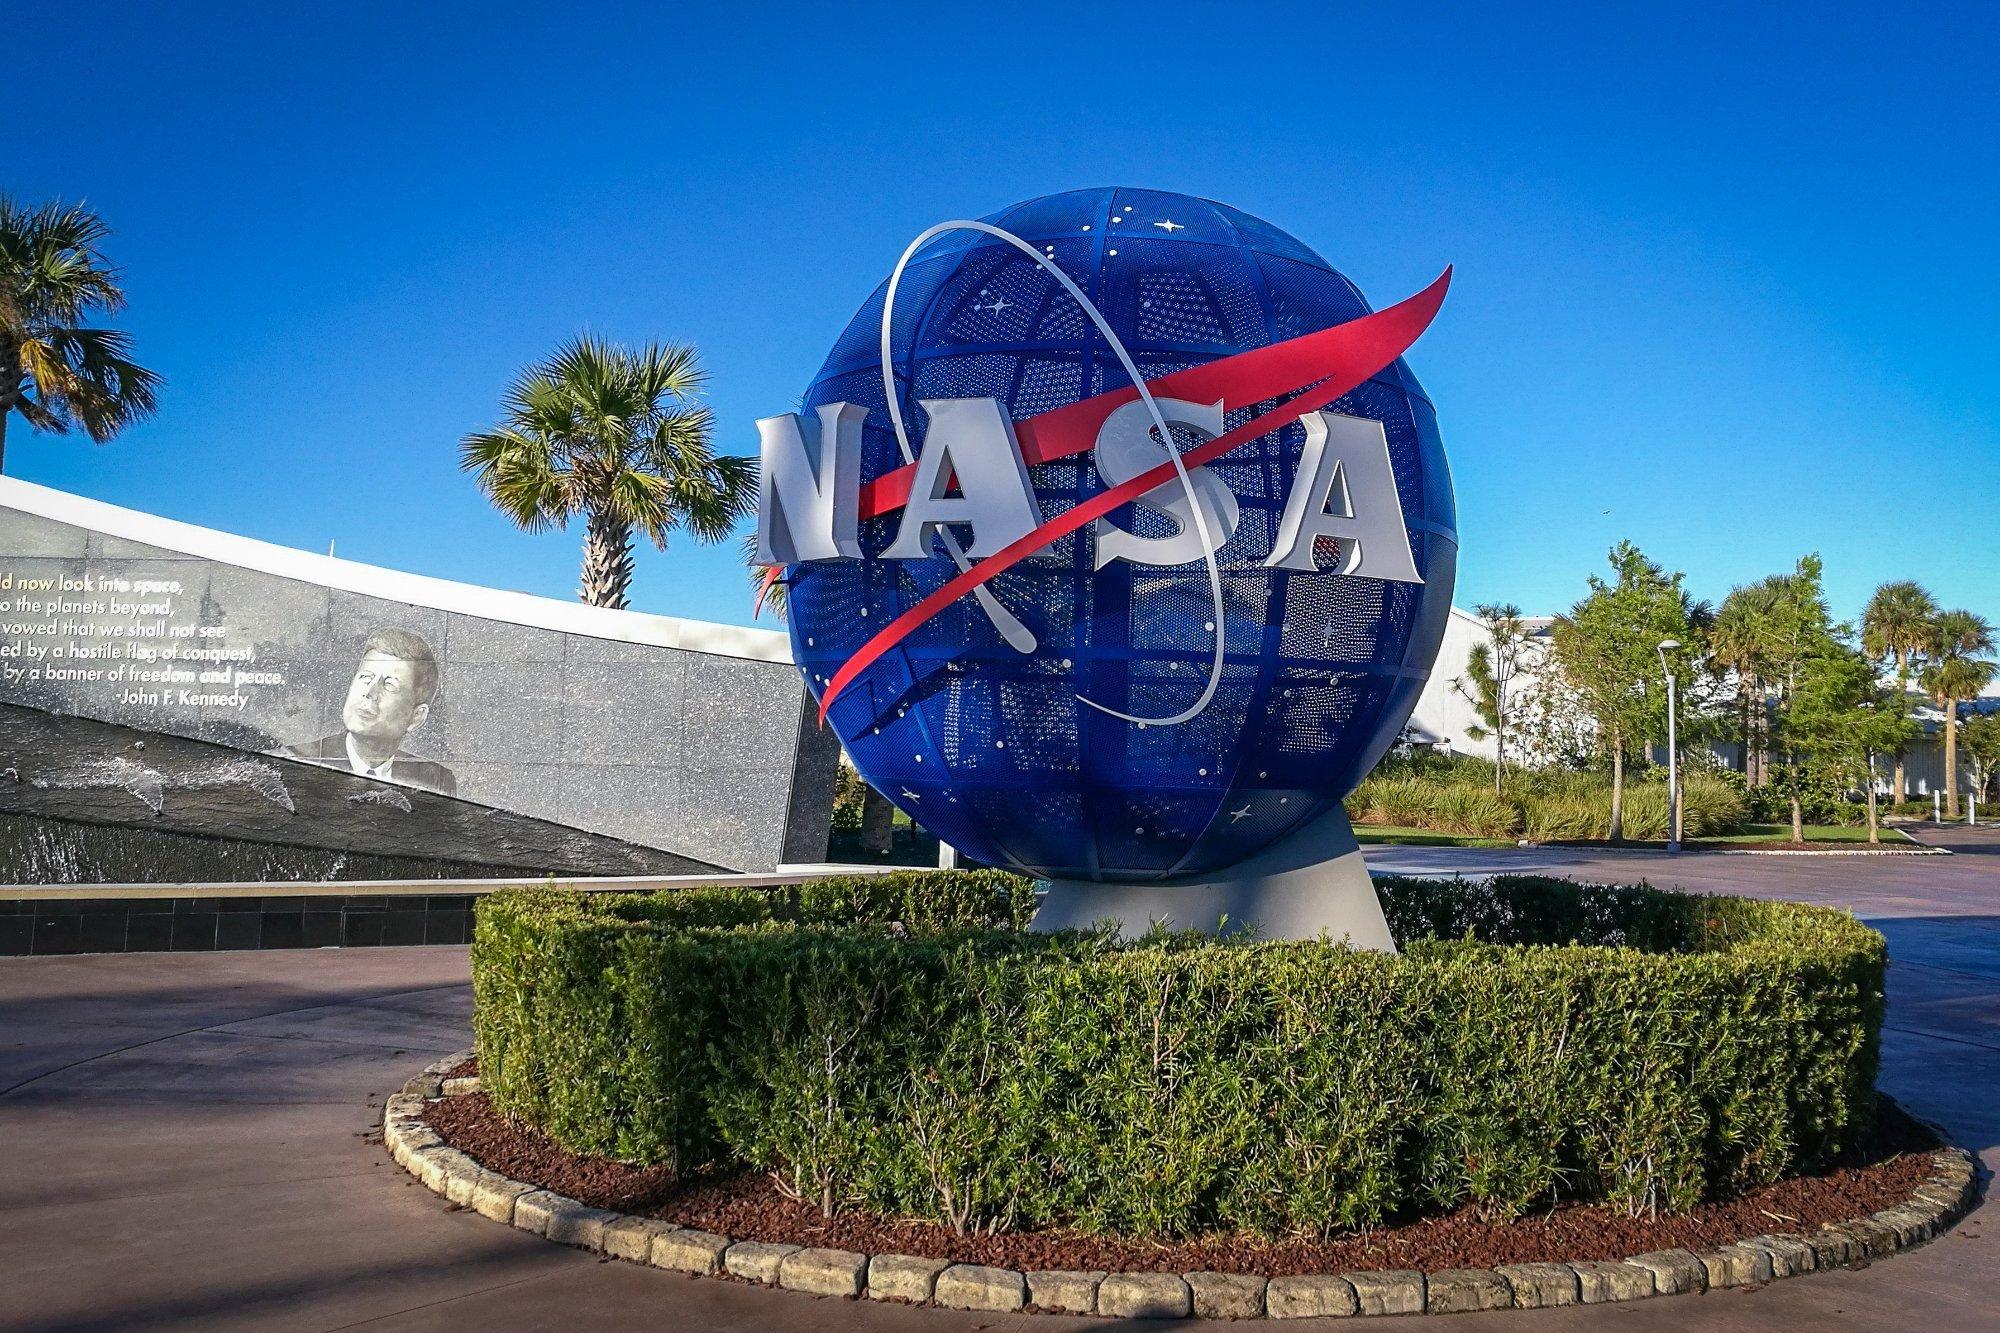 NASA Space Center, Houston, Texas, USA - Dunham Bush